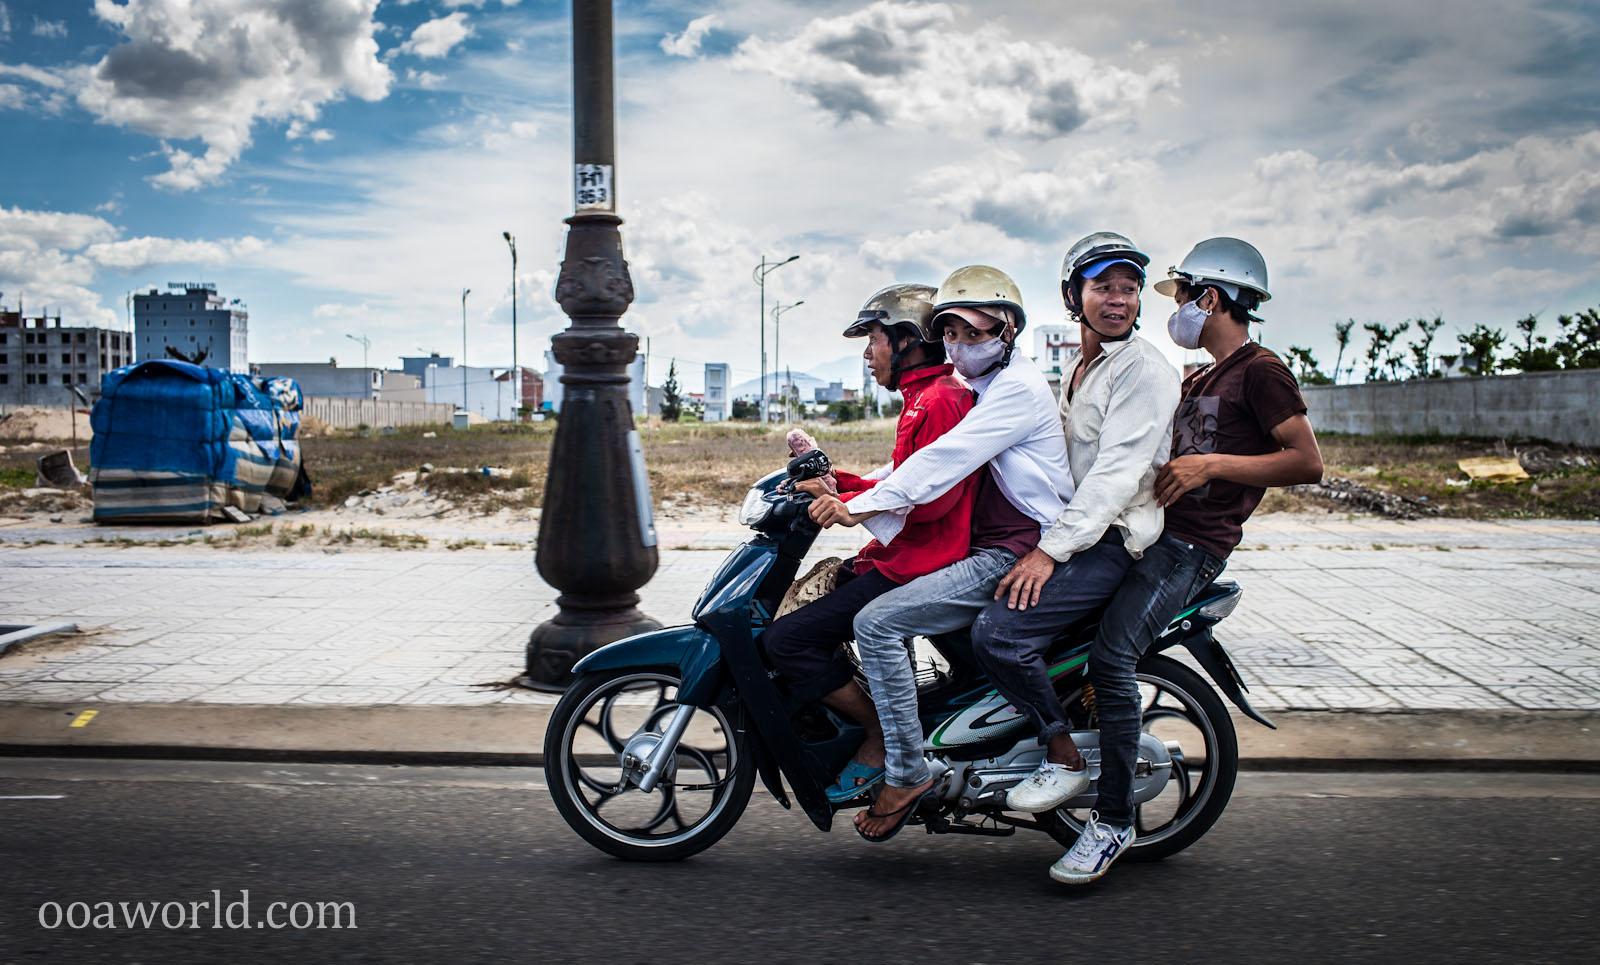 Moto Vietnam Photo Ooaworld